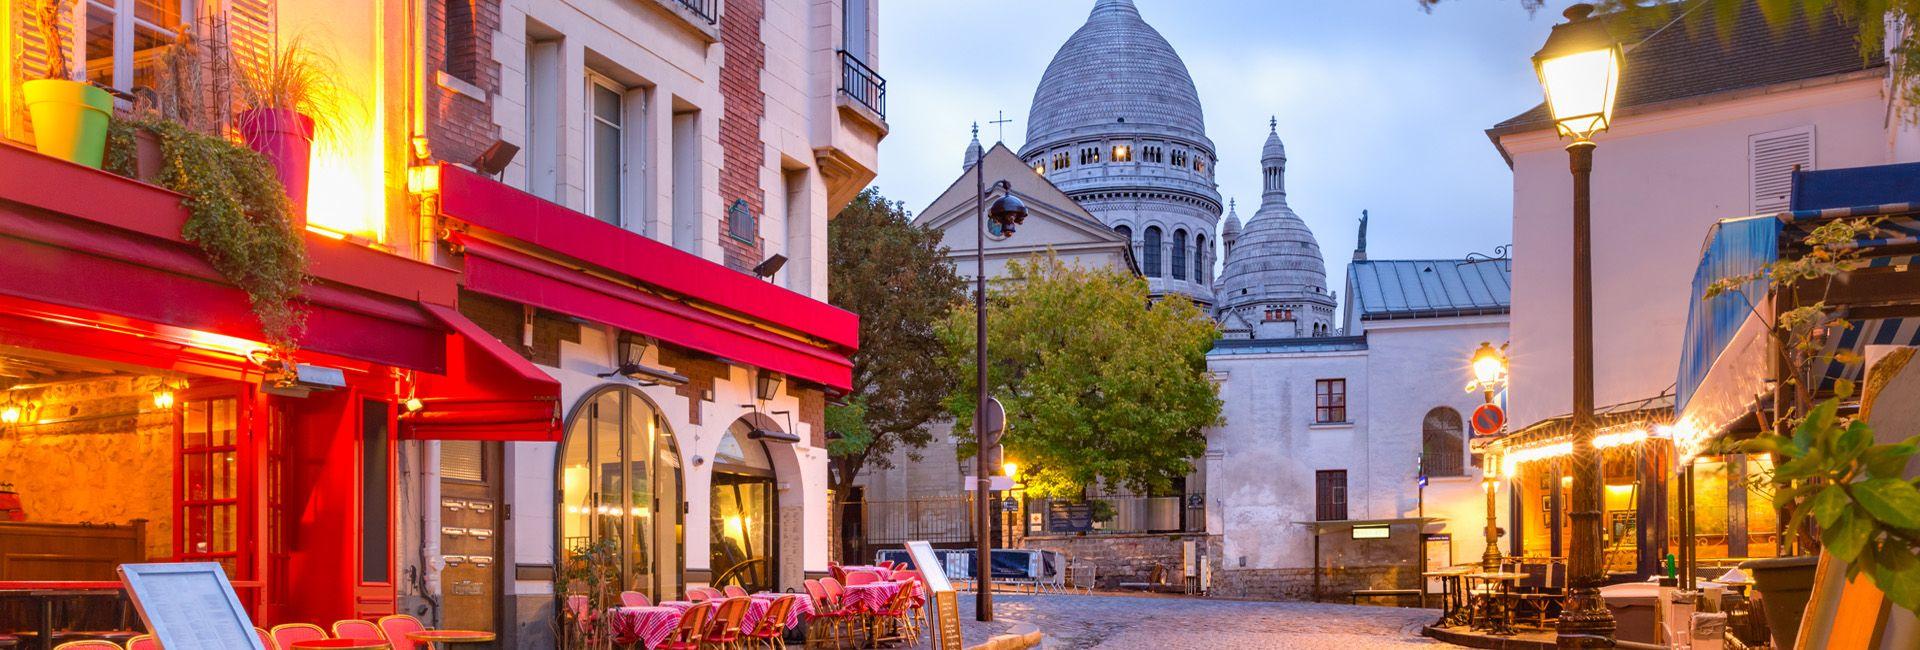 Ambiente romántico iluminado con farola Villa de estilo clásico